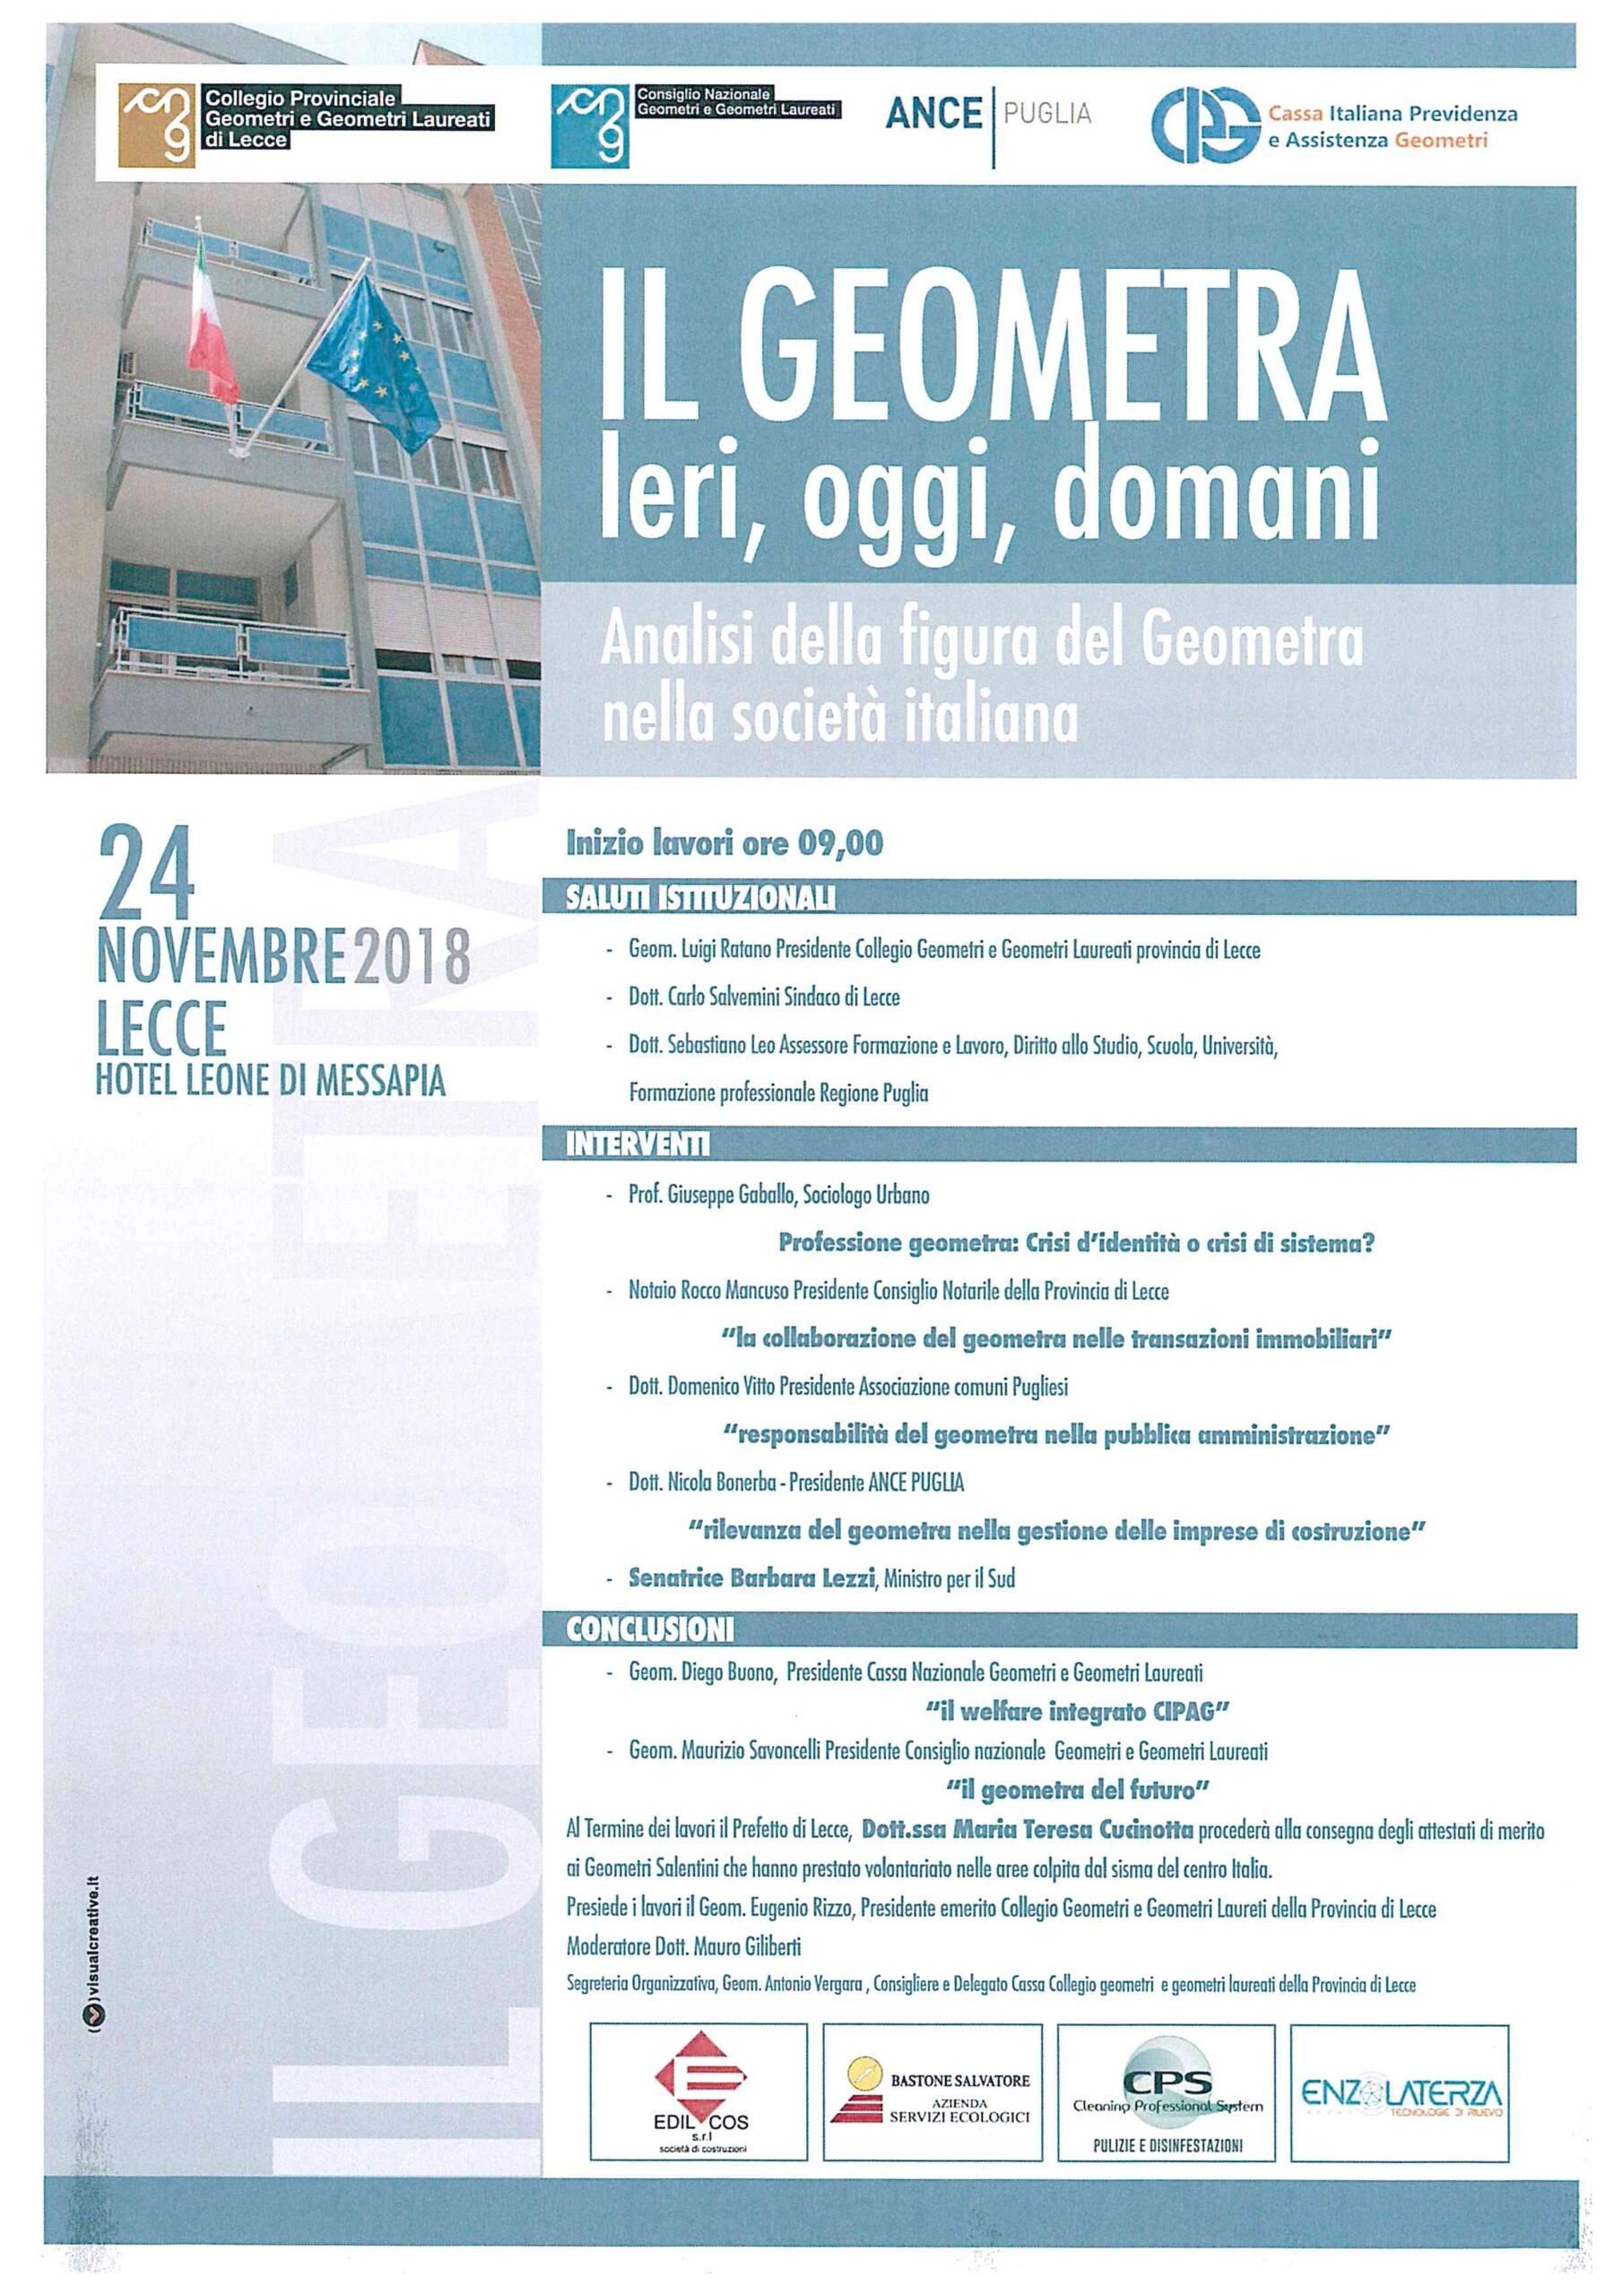 """Convegno: """"Il Geometra. Ieri, oggi, domani. Analisi della figura del Geometra nella società italiana"""" – Lecce, 24/11/2018"""